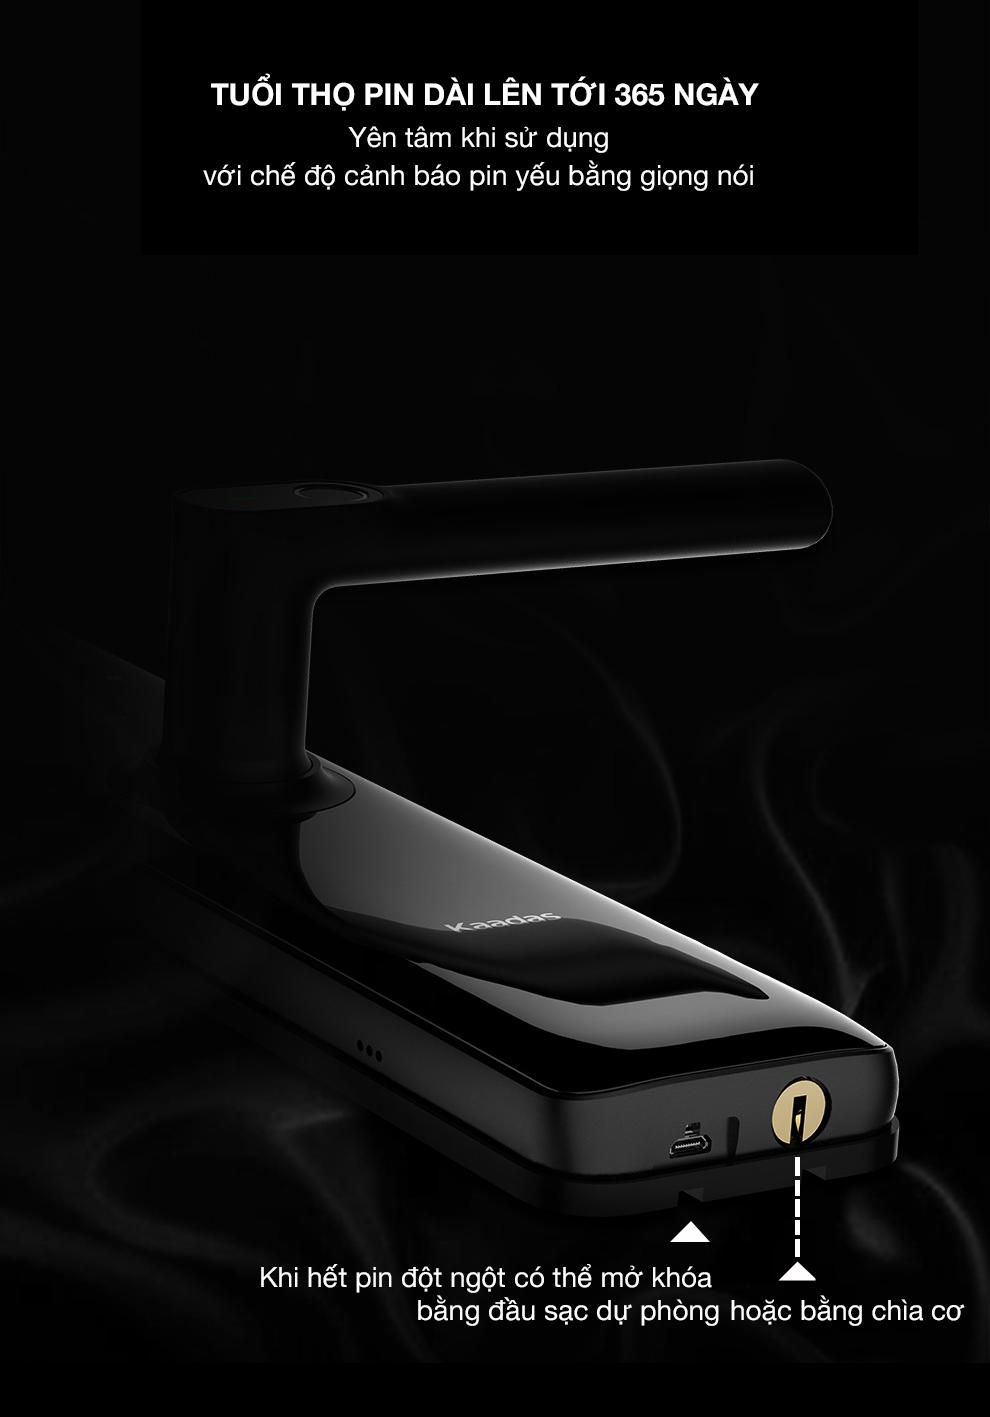 khoa kaadas s8 - Khóa điện tử Kaadas S8